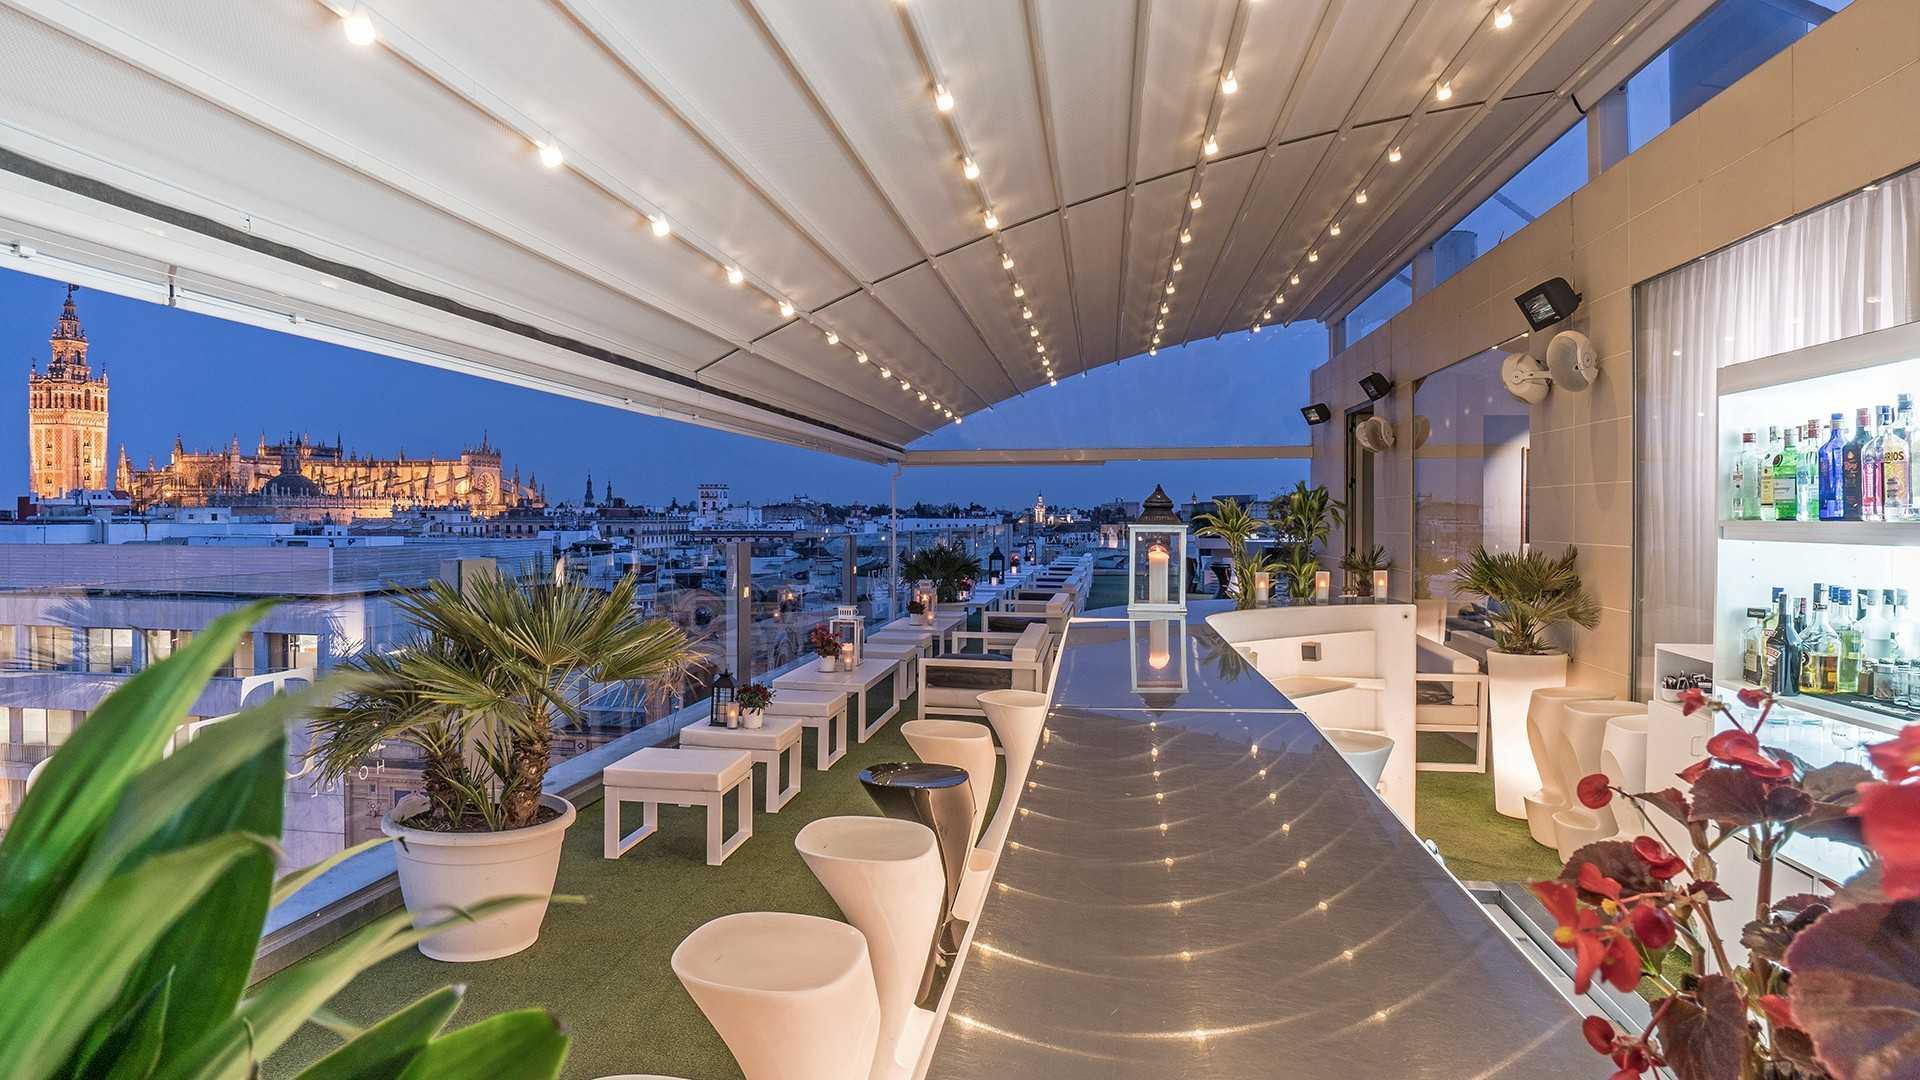 Hamelin: Escapada Romántica en el Hotel Inglaterra de Sevilla  - Actividad  (Sevilla)